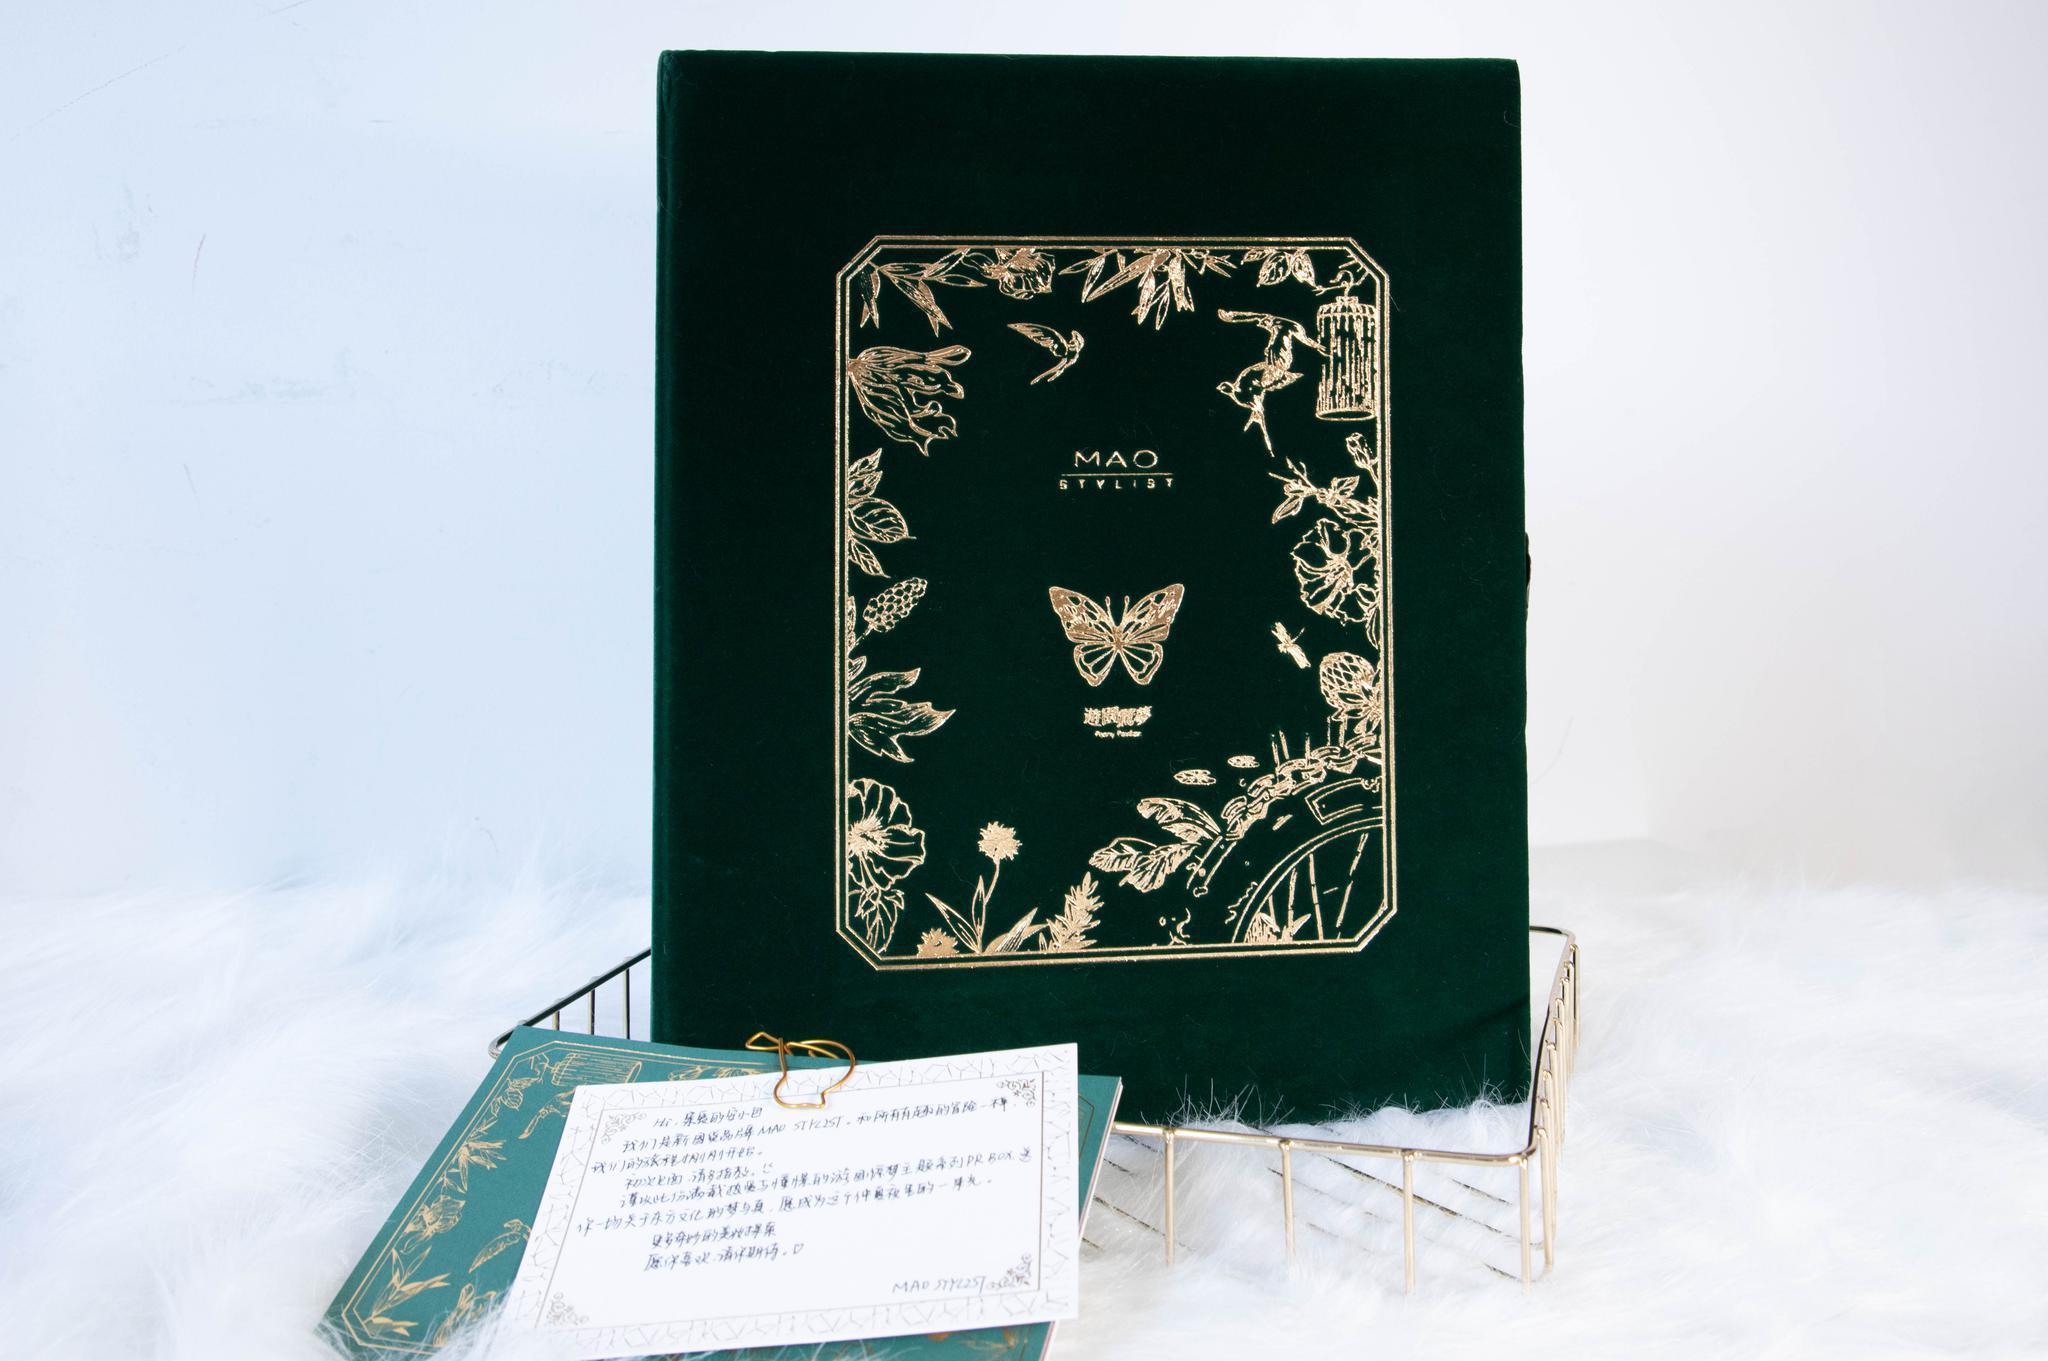 感谢MAO STYLIST,欧莱雅,美宝莲送的礼盒! 拆出来都好惊喜呀!